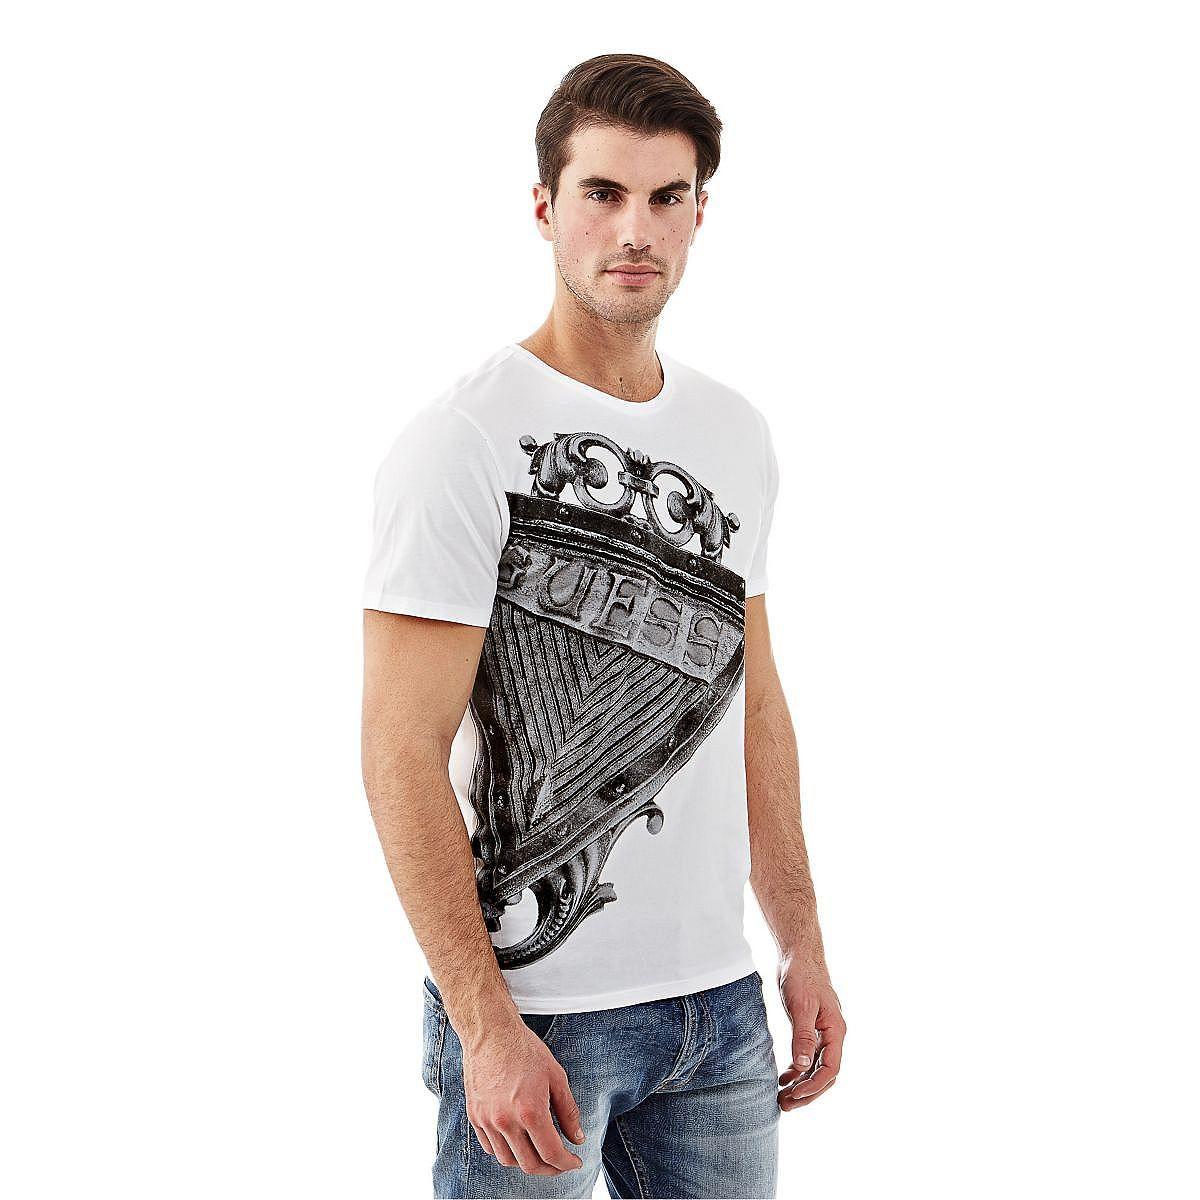 T-Shirt Graphic Oversize    Dieses Rundhals-T-Shirt hat das gewisse Etwas: Der kultige Style ist wie geschaffen für einen trendigen Look. Das Logo-T-Shirt hat einen großen, stylishen Print.    100% Baumwolle.  Maschinenwäsche bei 30°.  Abgebildet ist Größe M, Maße:  Gesamtlänge ca. 65 cm.  Schultern ca. 35 cm.  Fällt größengetreu aus....